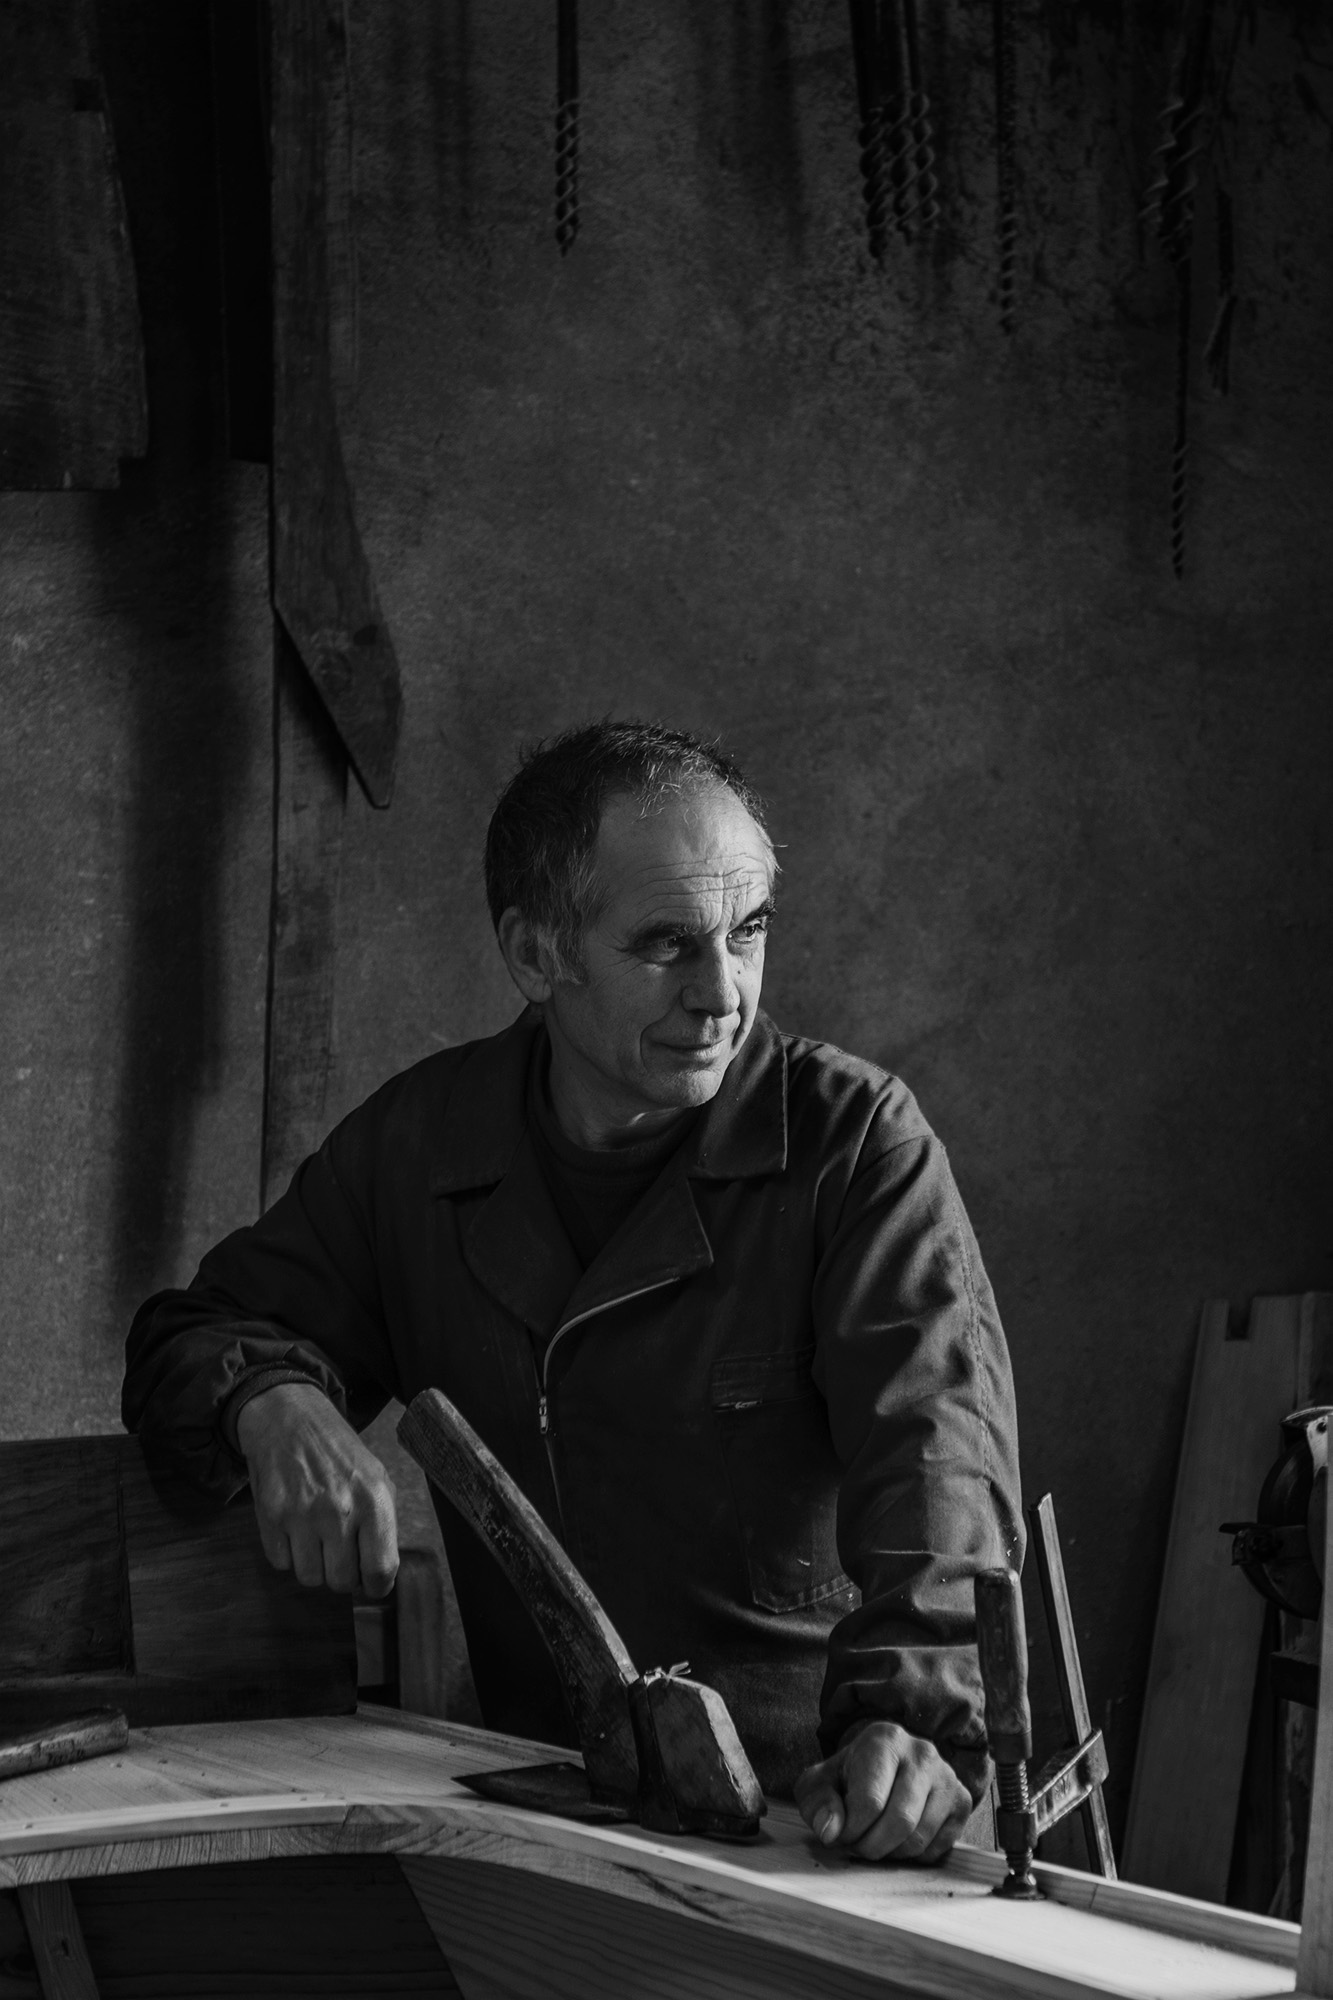 1º Premio Categoría Retrato - Victor Manuel Martínez Campos